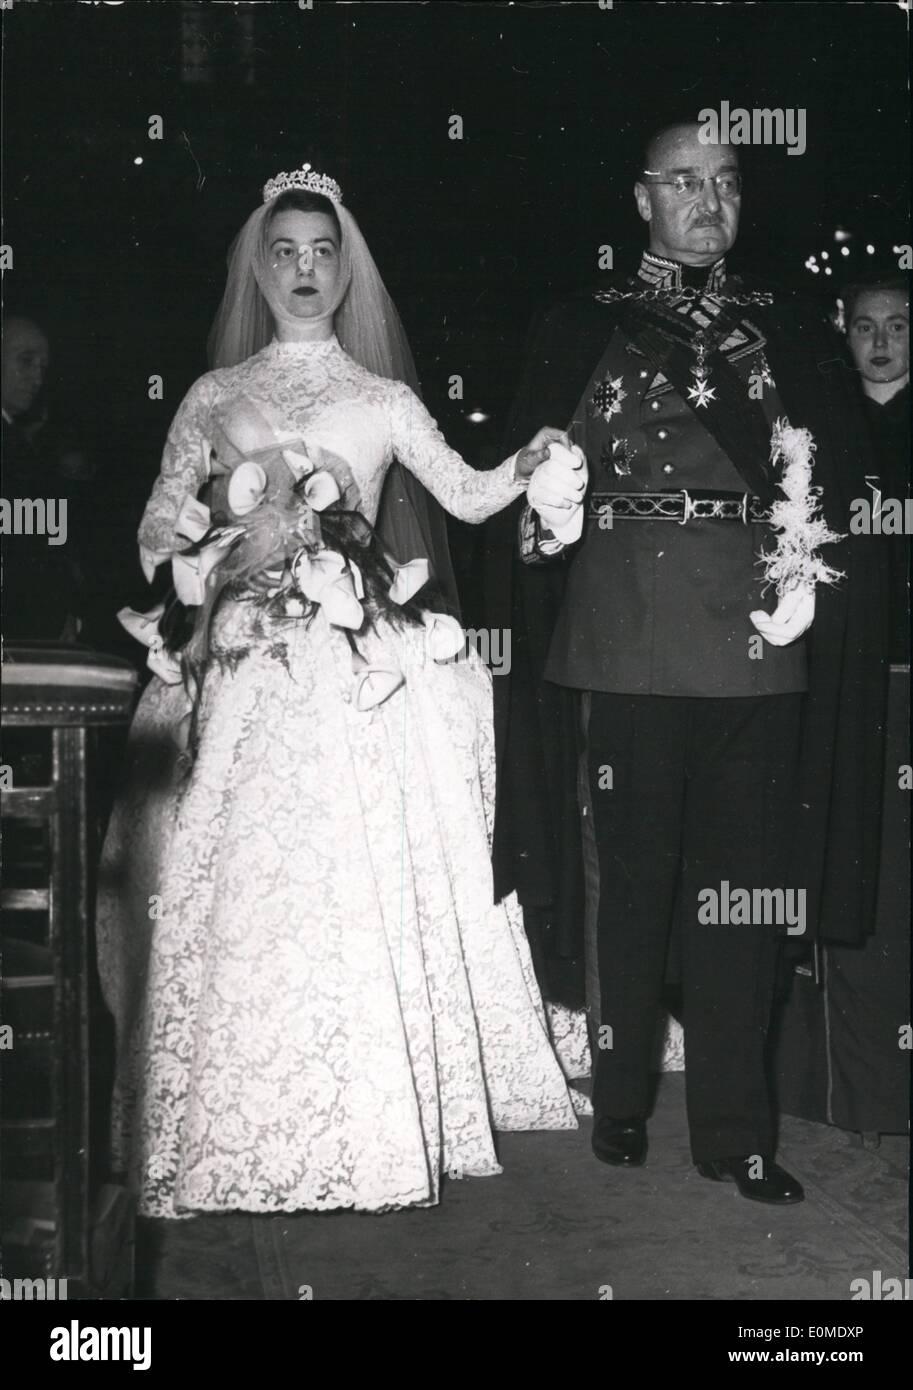 Princess Grace Wedding Stock Photos & Princess Grace Wedding Stock ...